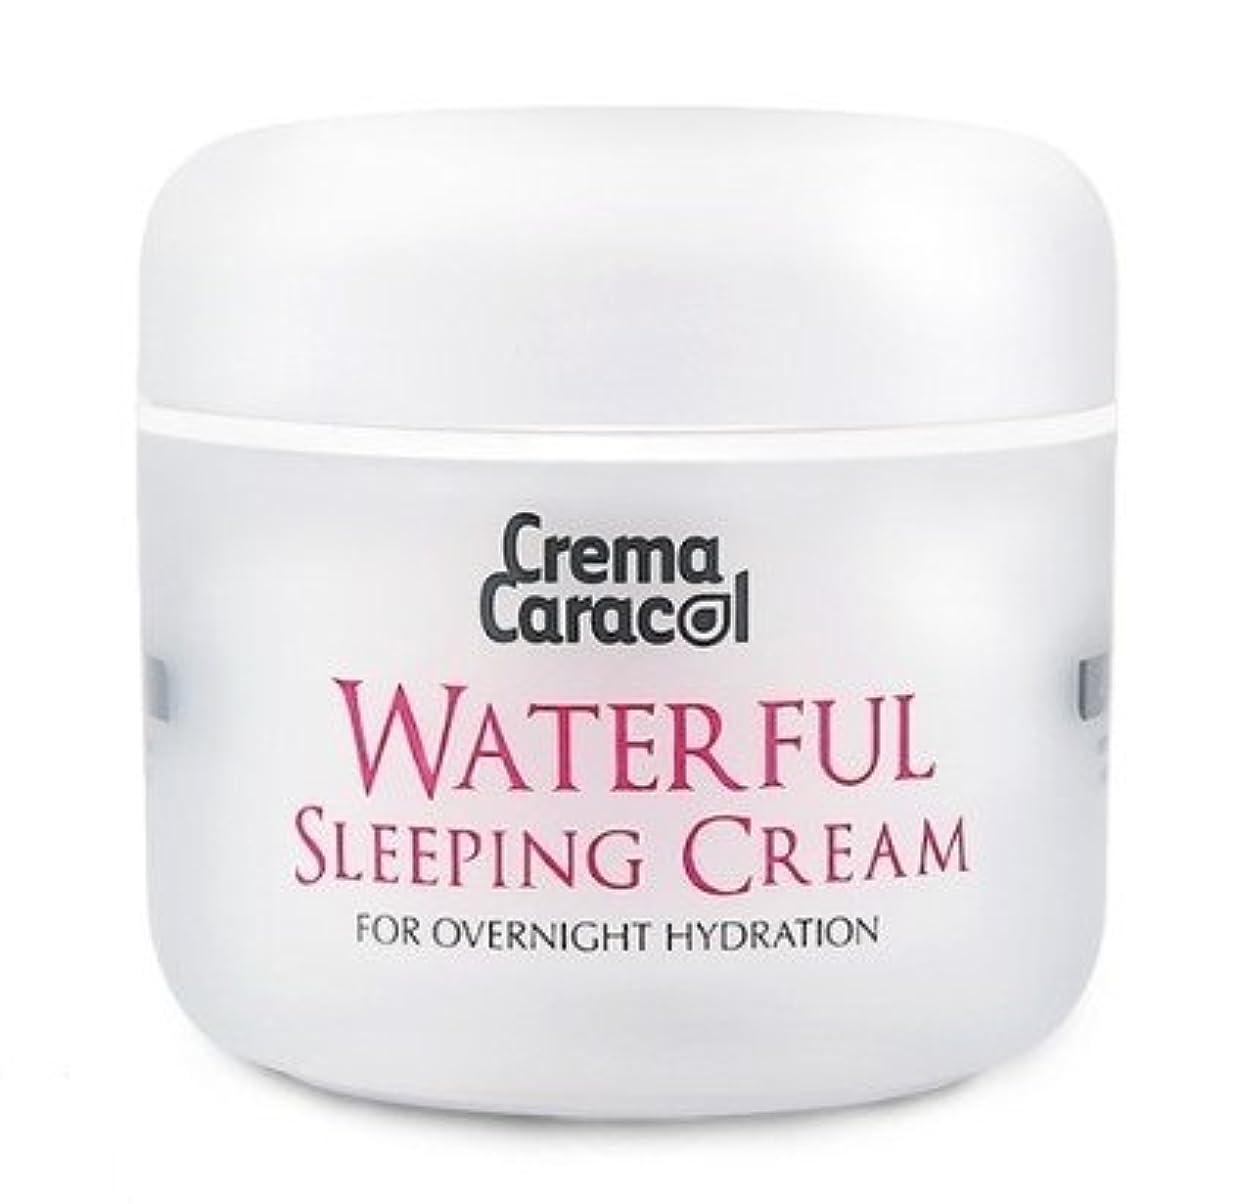 にもかかわらず心配スムーズに[JAMINKYUNG] Waterful Sleeping Cream/孜民耕 [ジャミンギョン] ウォーターフルスリーピングクリーム [並行輸入品]